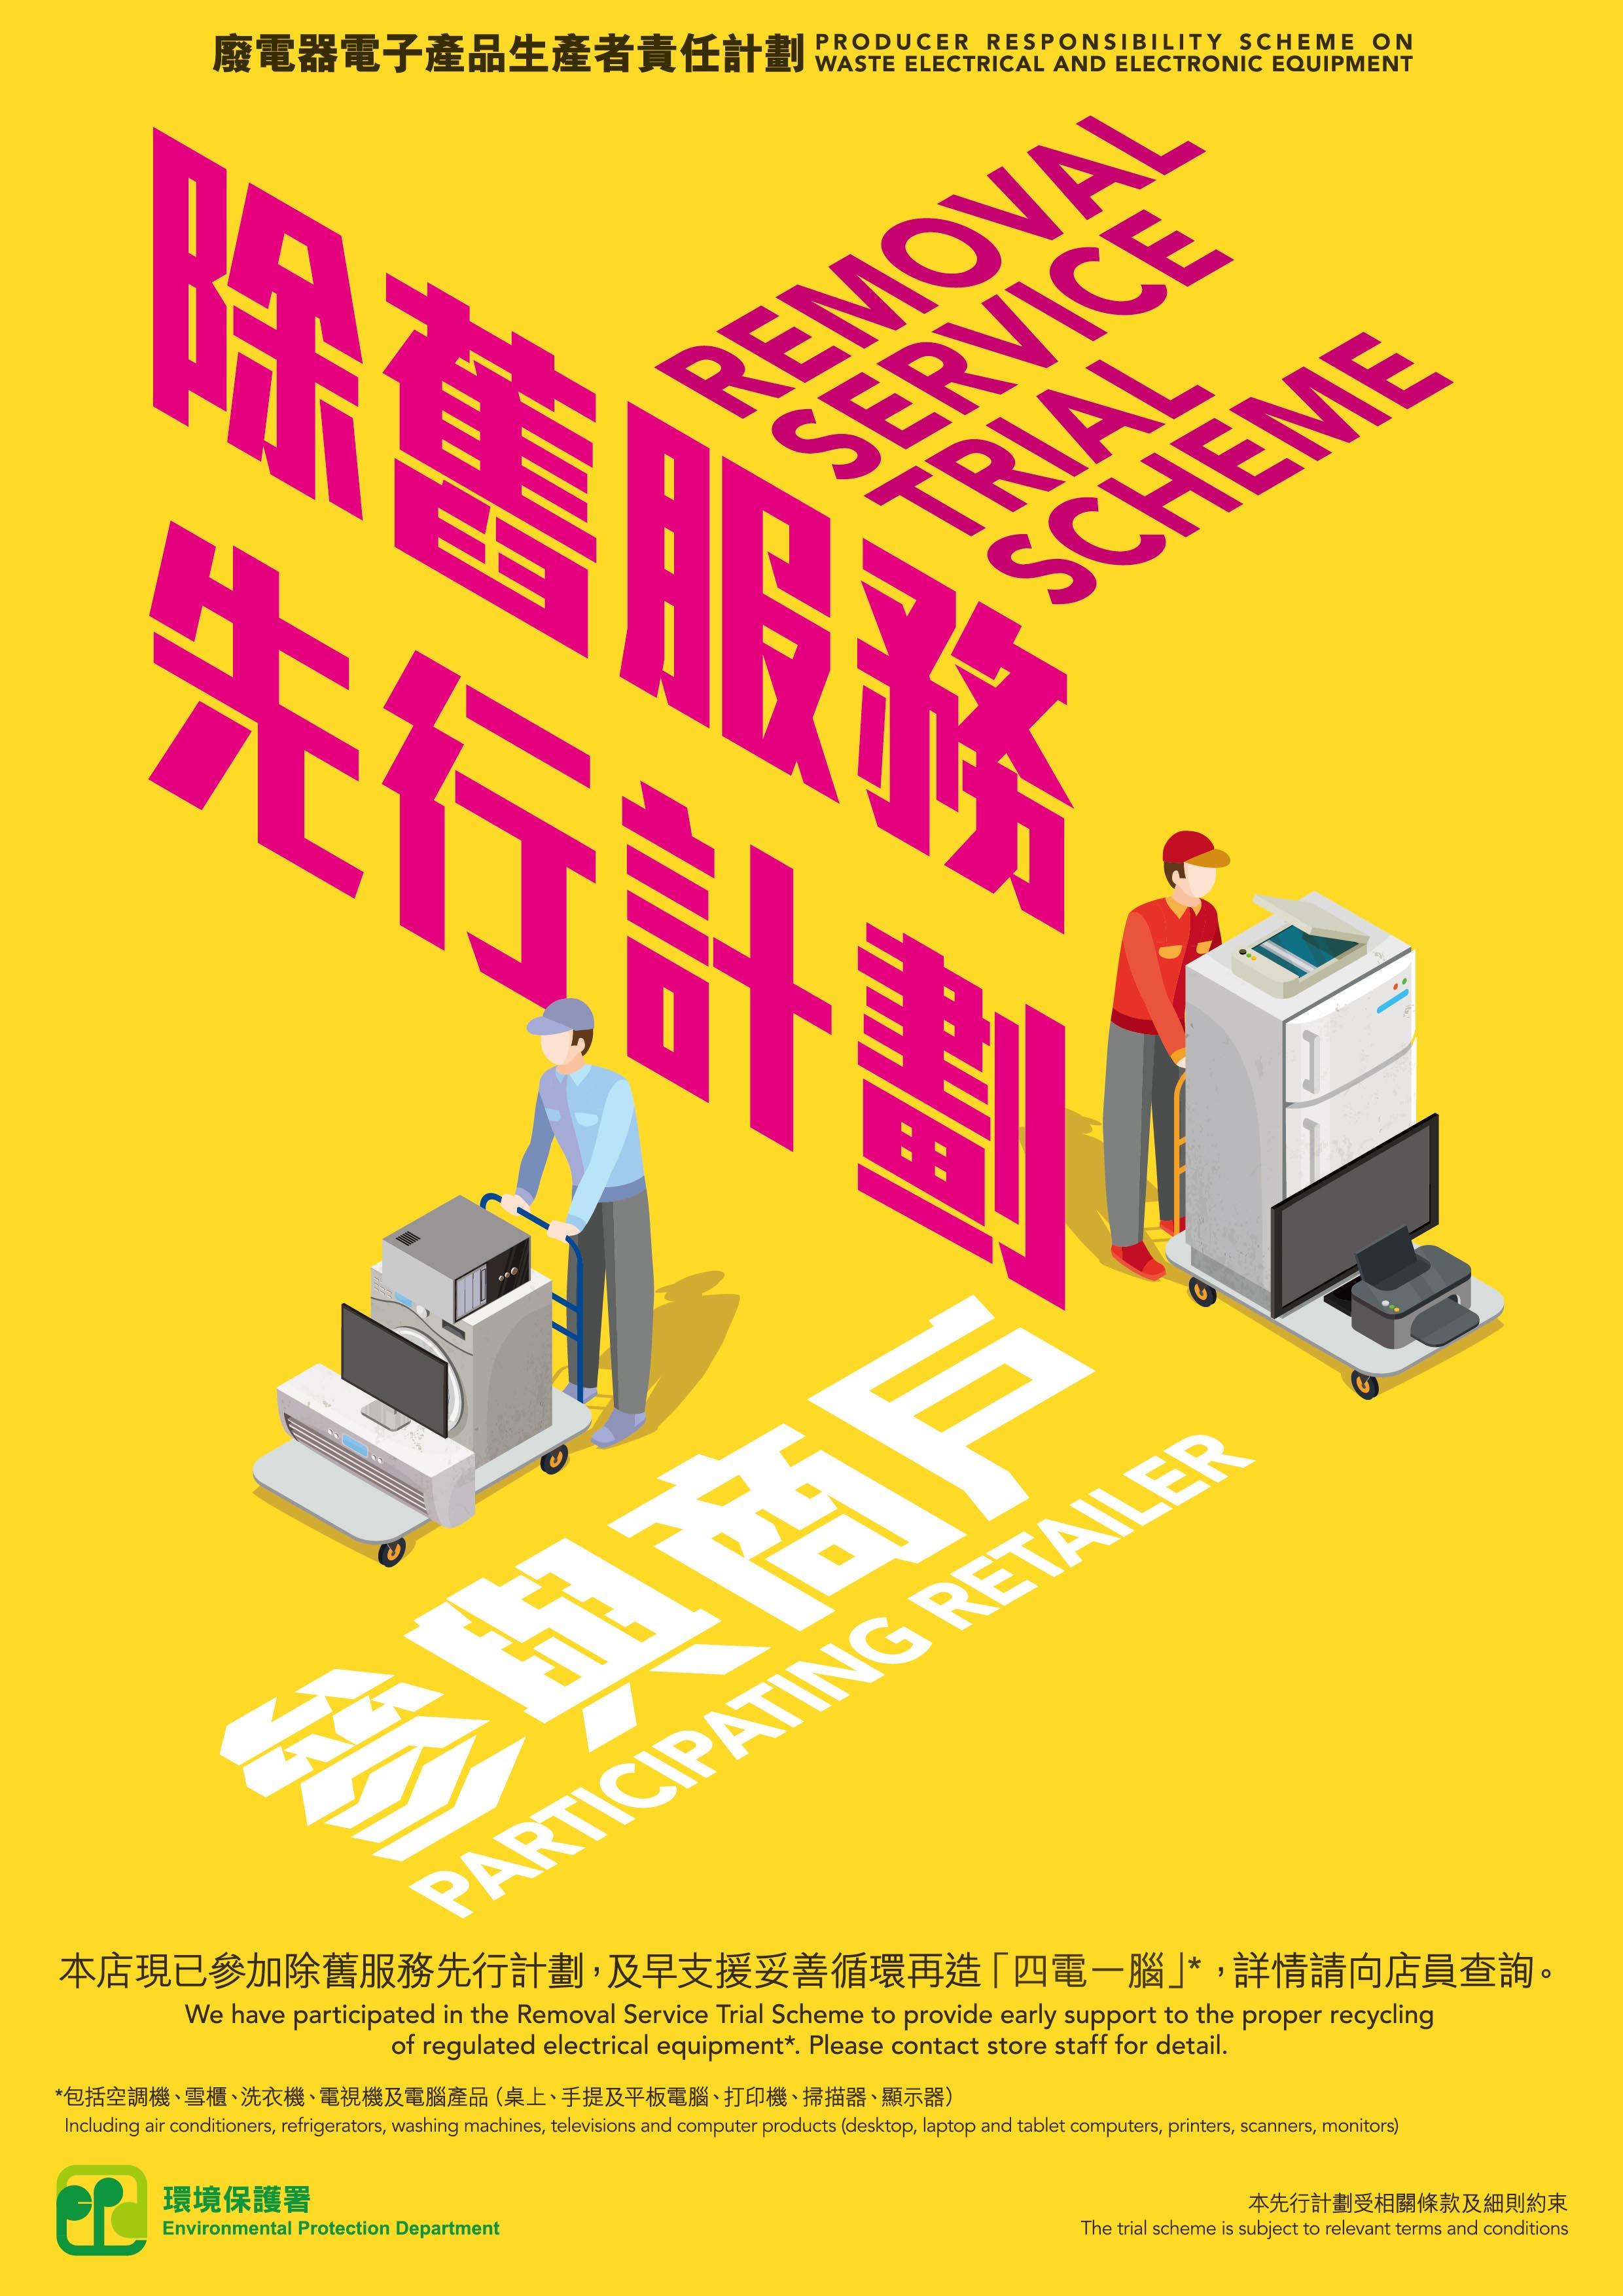 WEEE @ HK